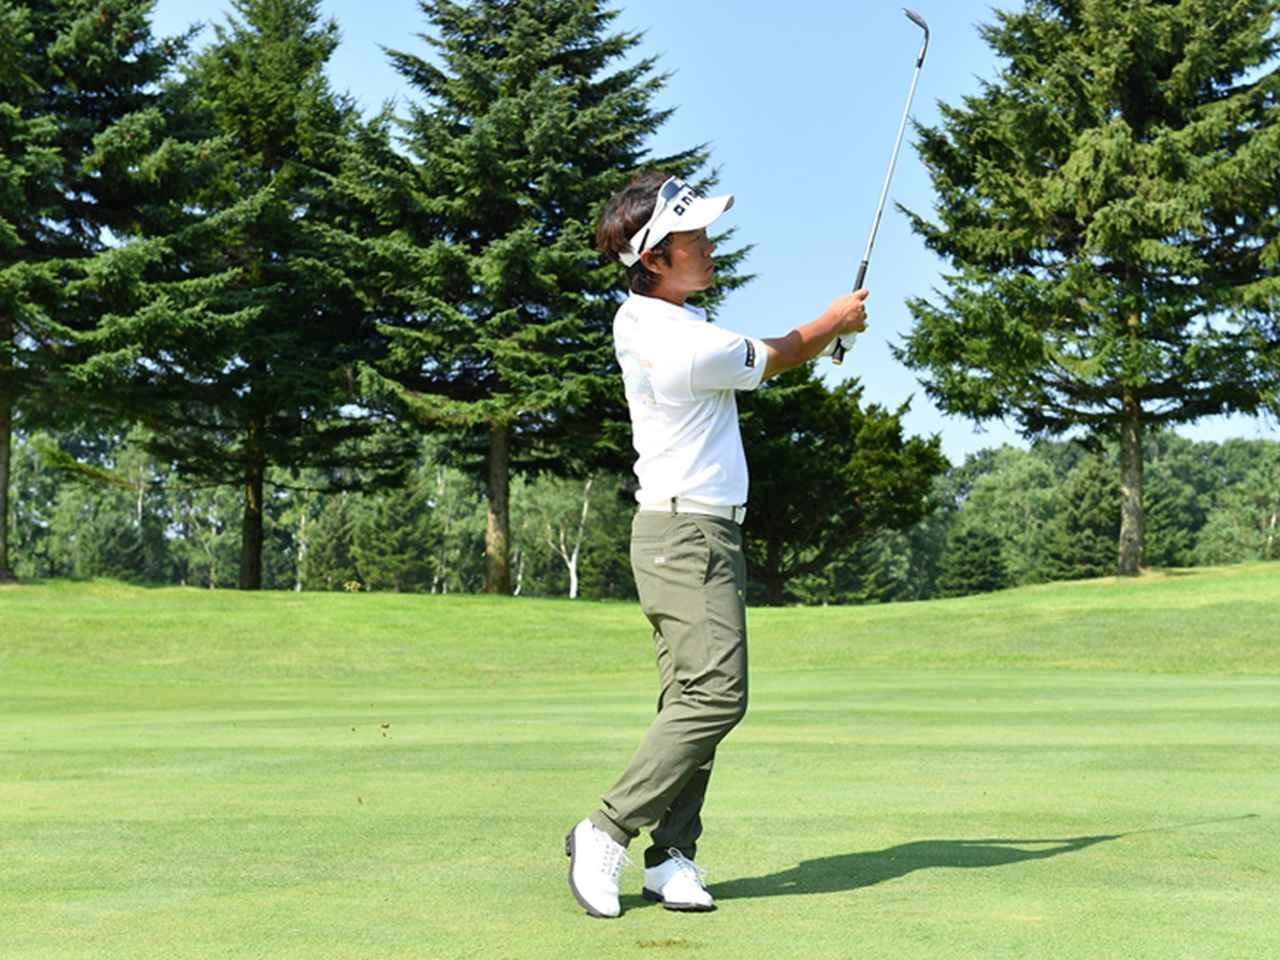 画像4: ボールは右足の前。右手の角度はキープしたまま、体の回転で打つ